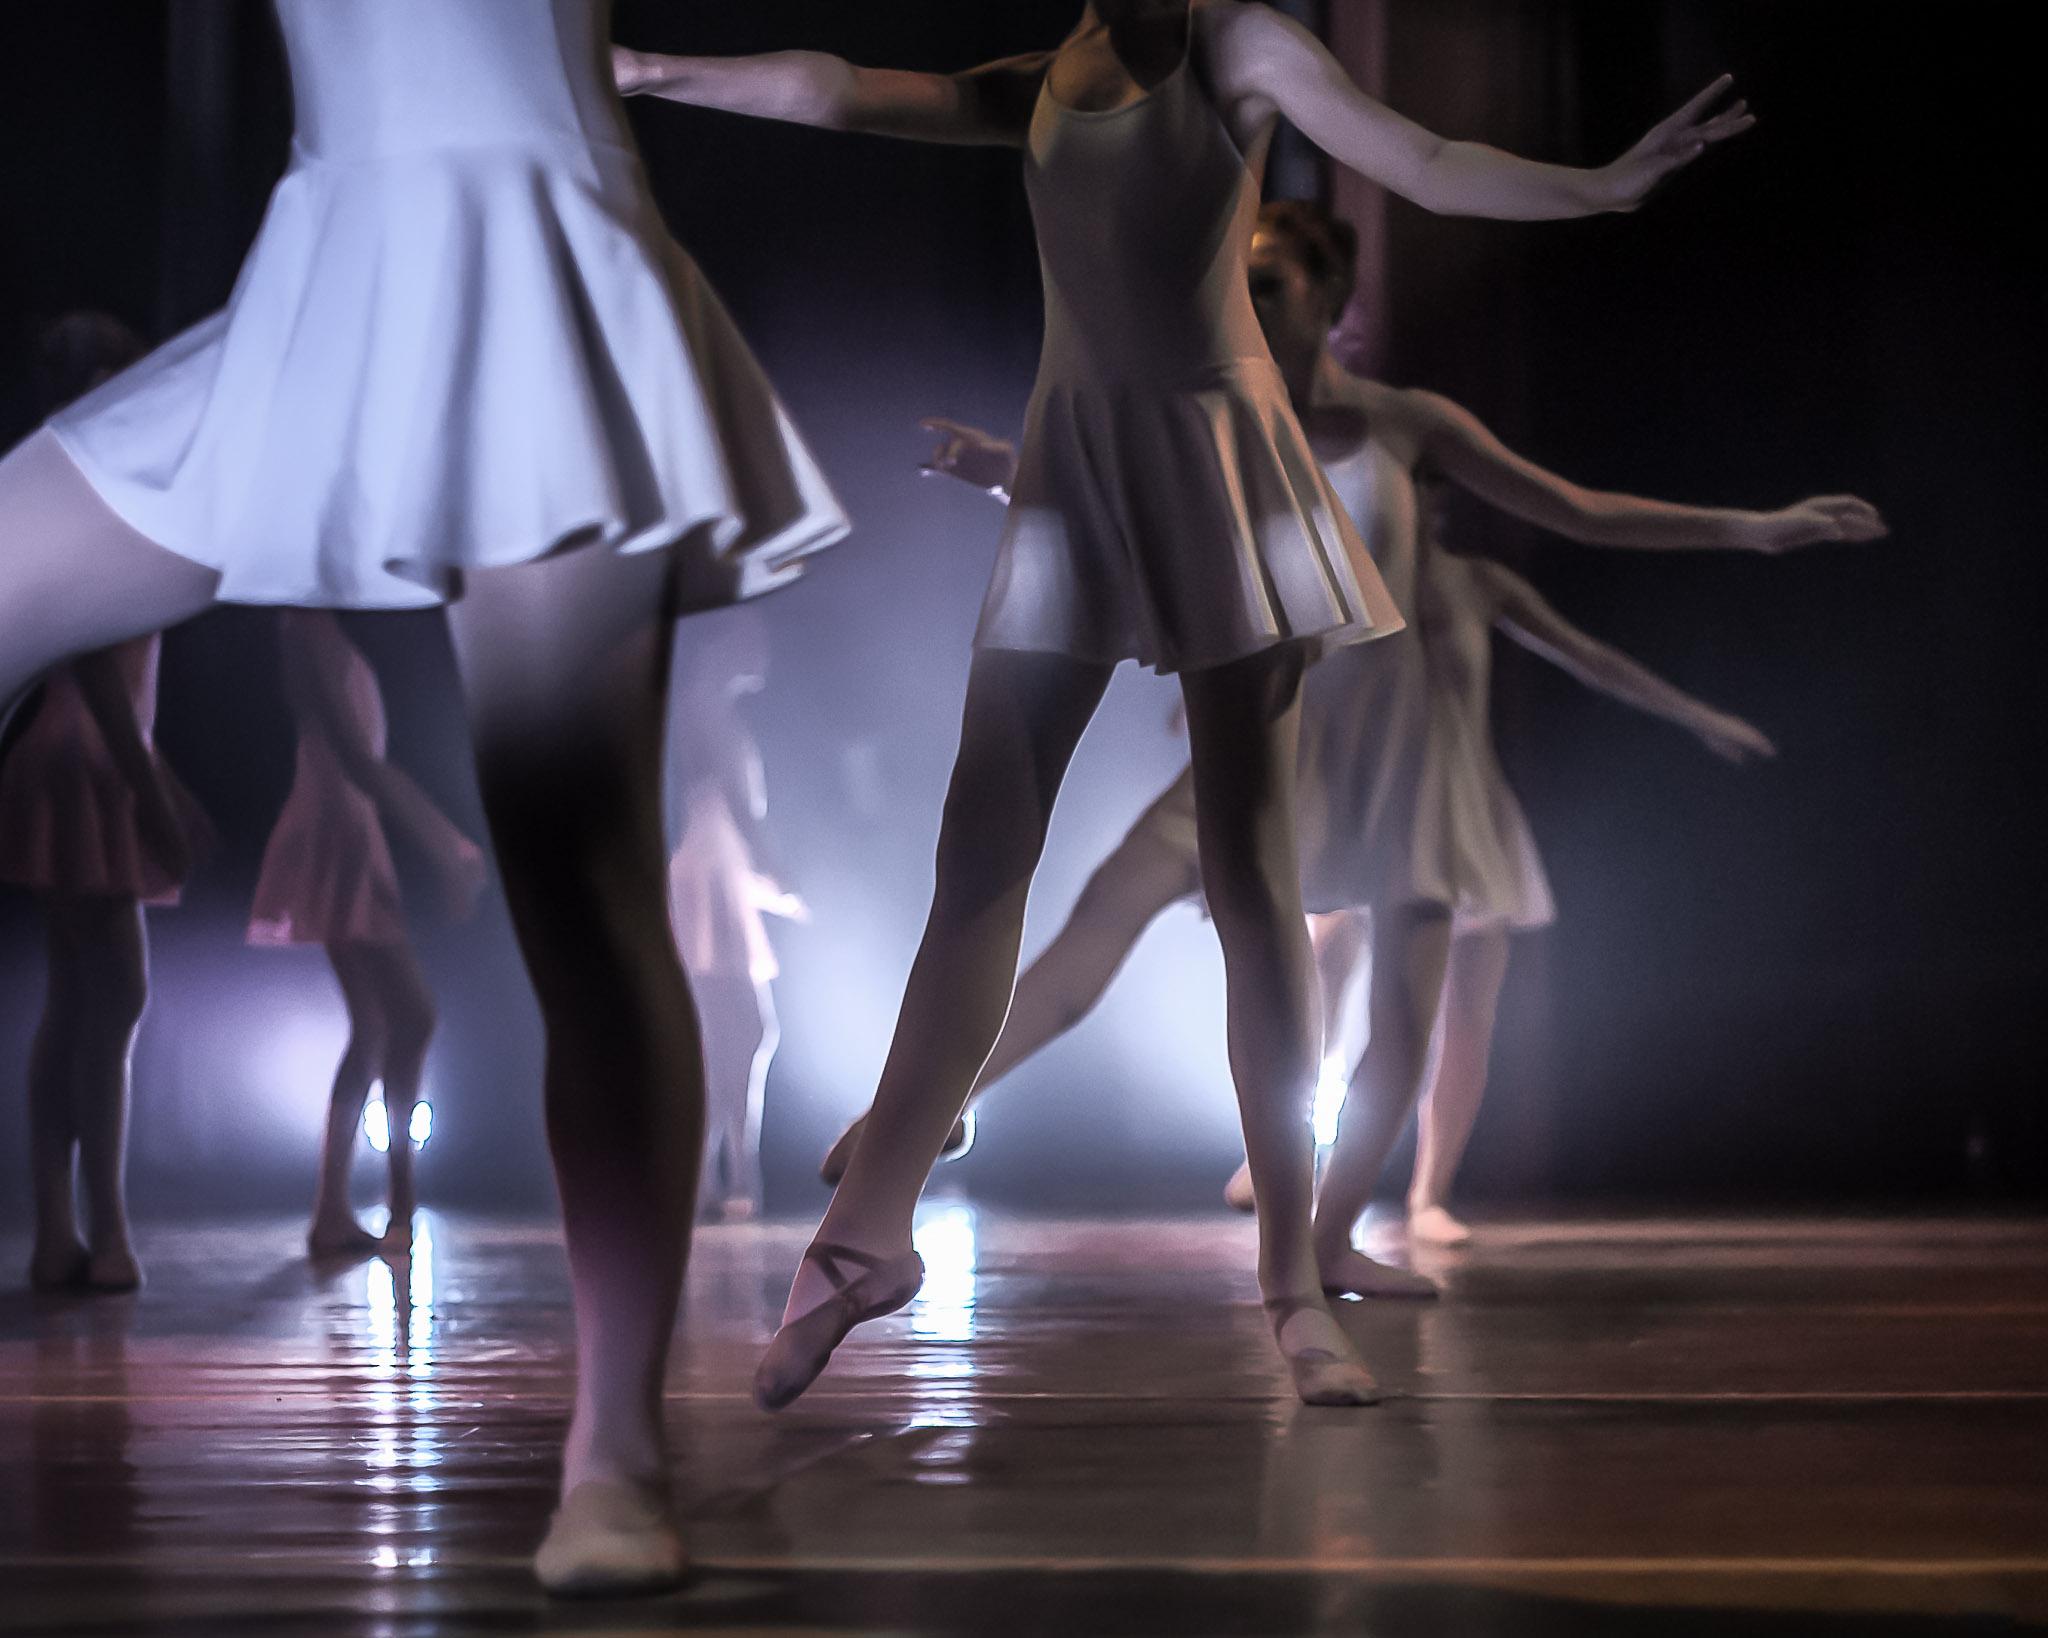 Répétition de danse